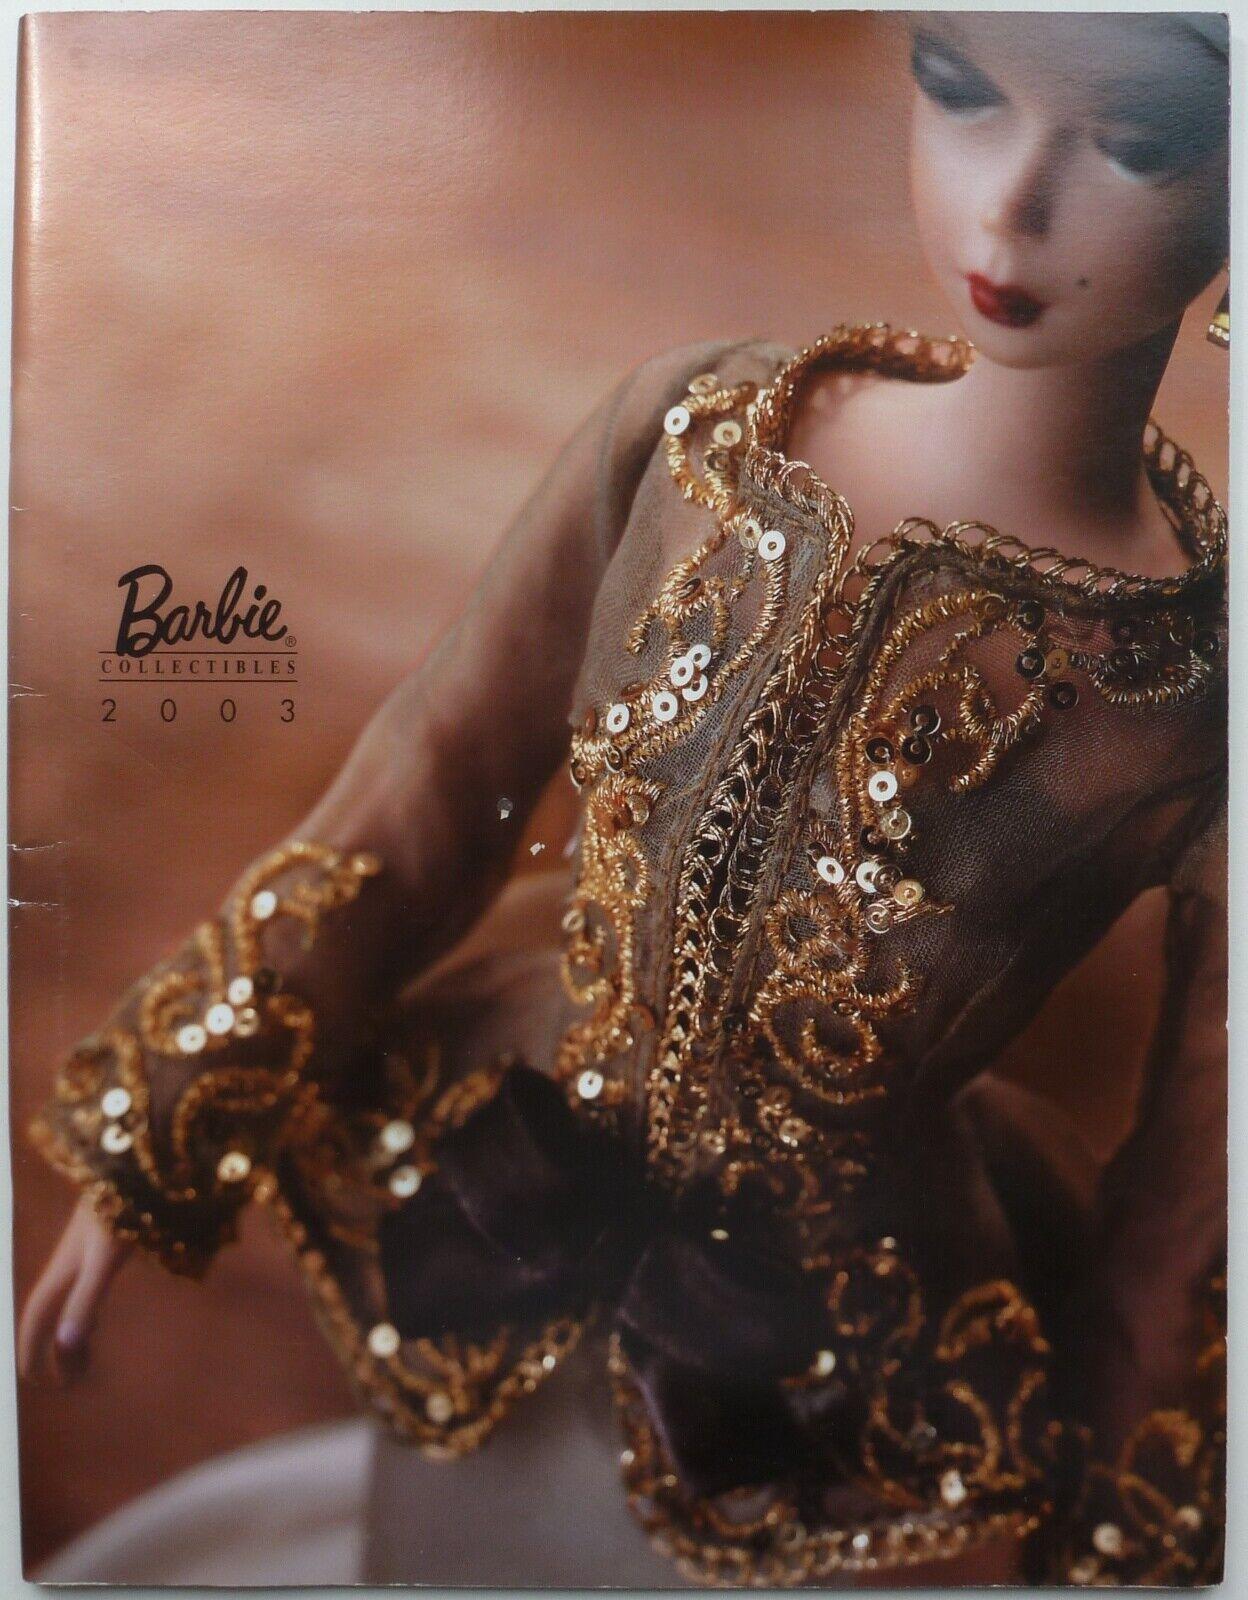 2003 SUPER RARA GRANDE SILKSTONE Barbie Doll CATALOGO. NUOVO ottime condizioni.